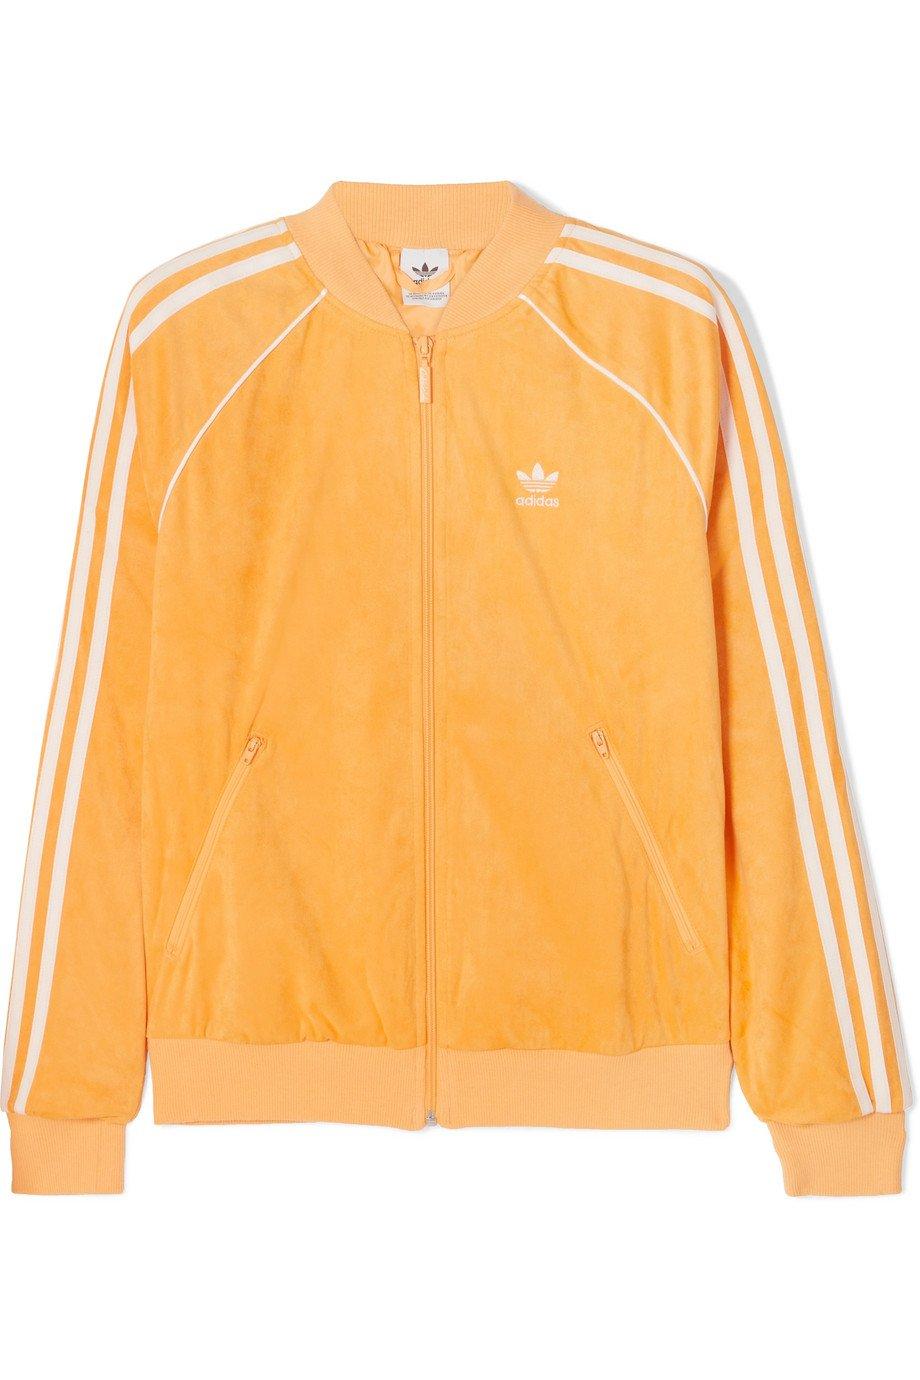 adidas Originals | SST striped terry track jacket | NET-A-PORTER.COM